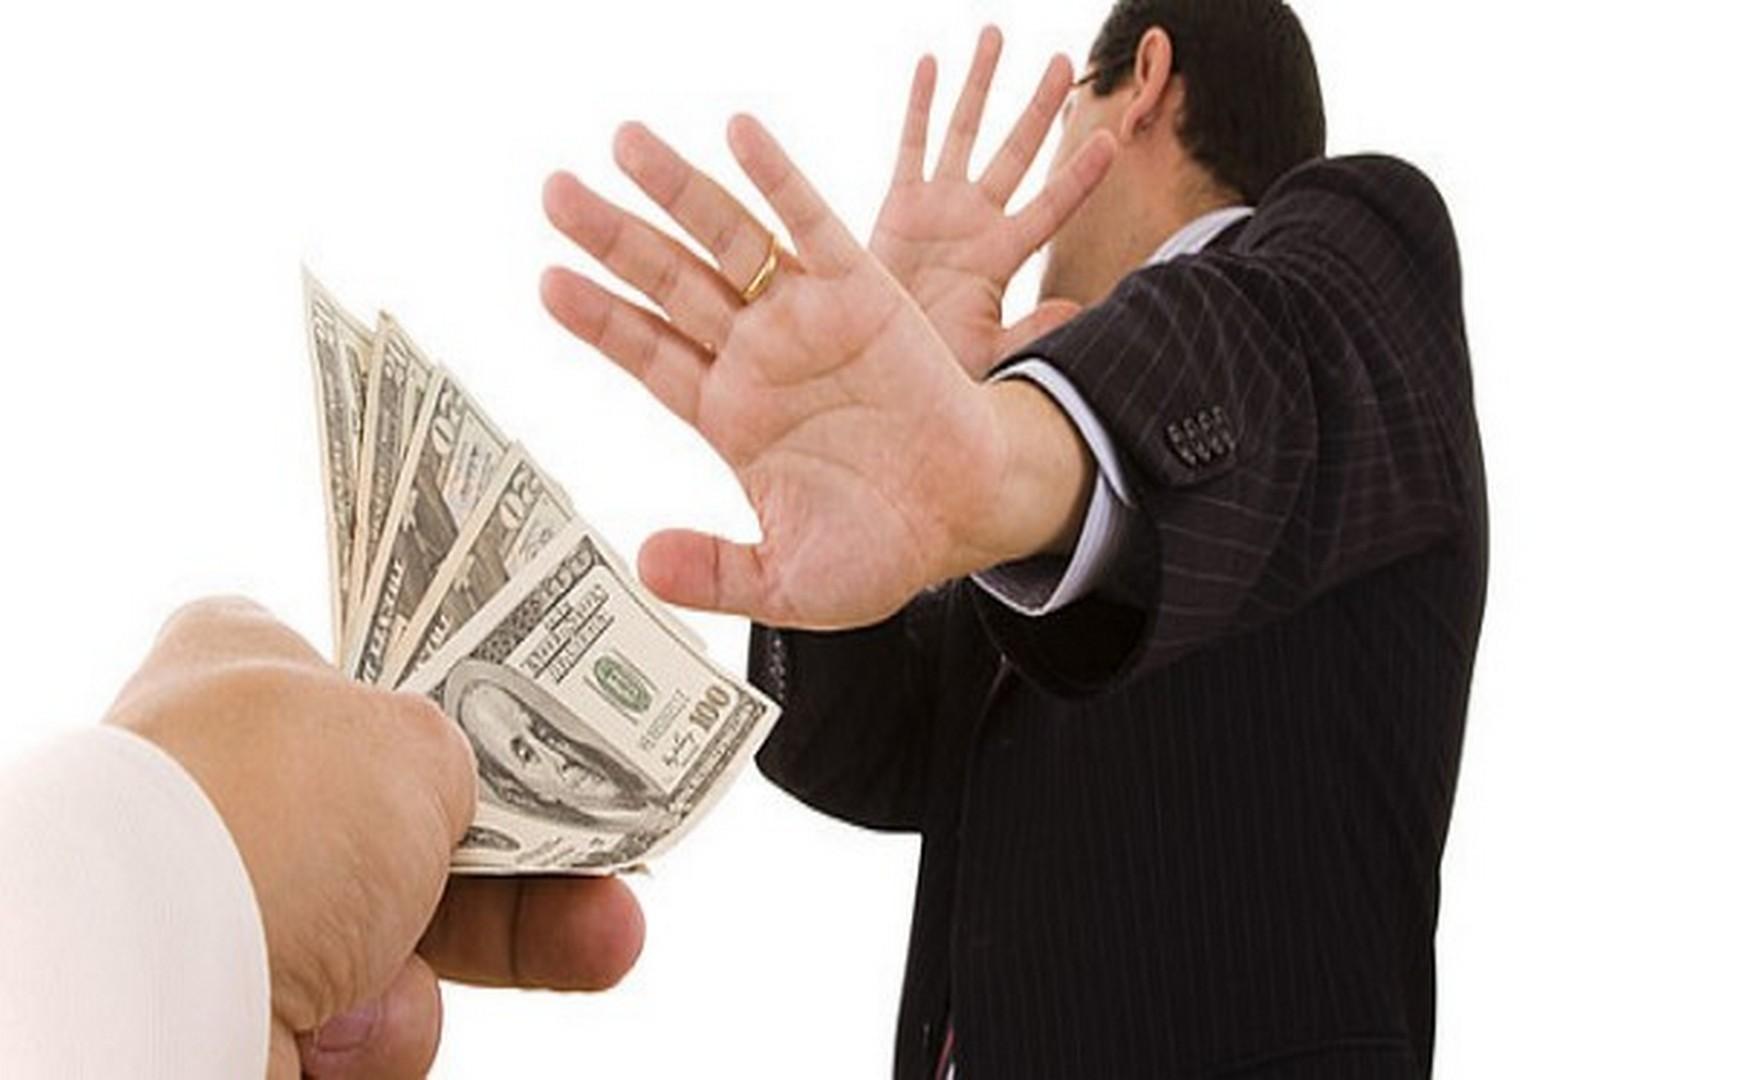 Взятки: cтатья УК РФ, ответственность и наказание по закону До какой суммы подарок не является взяткой